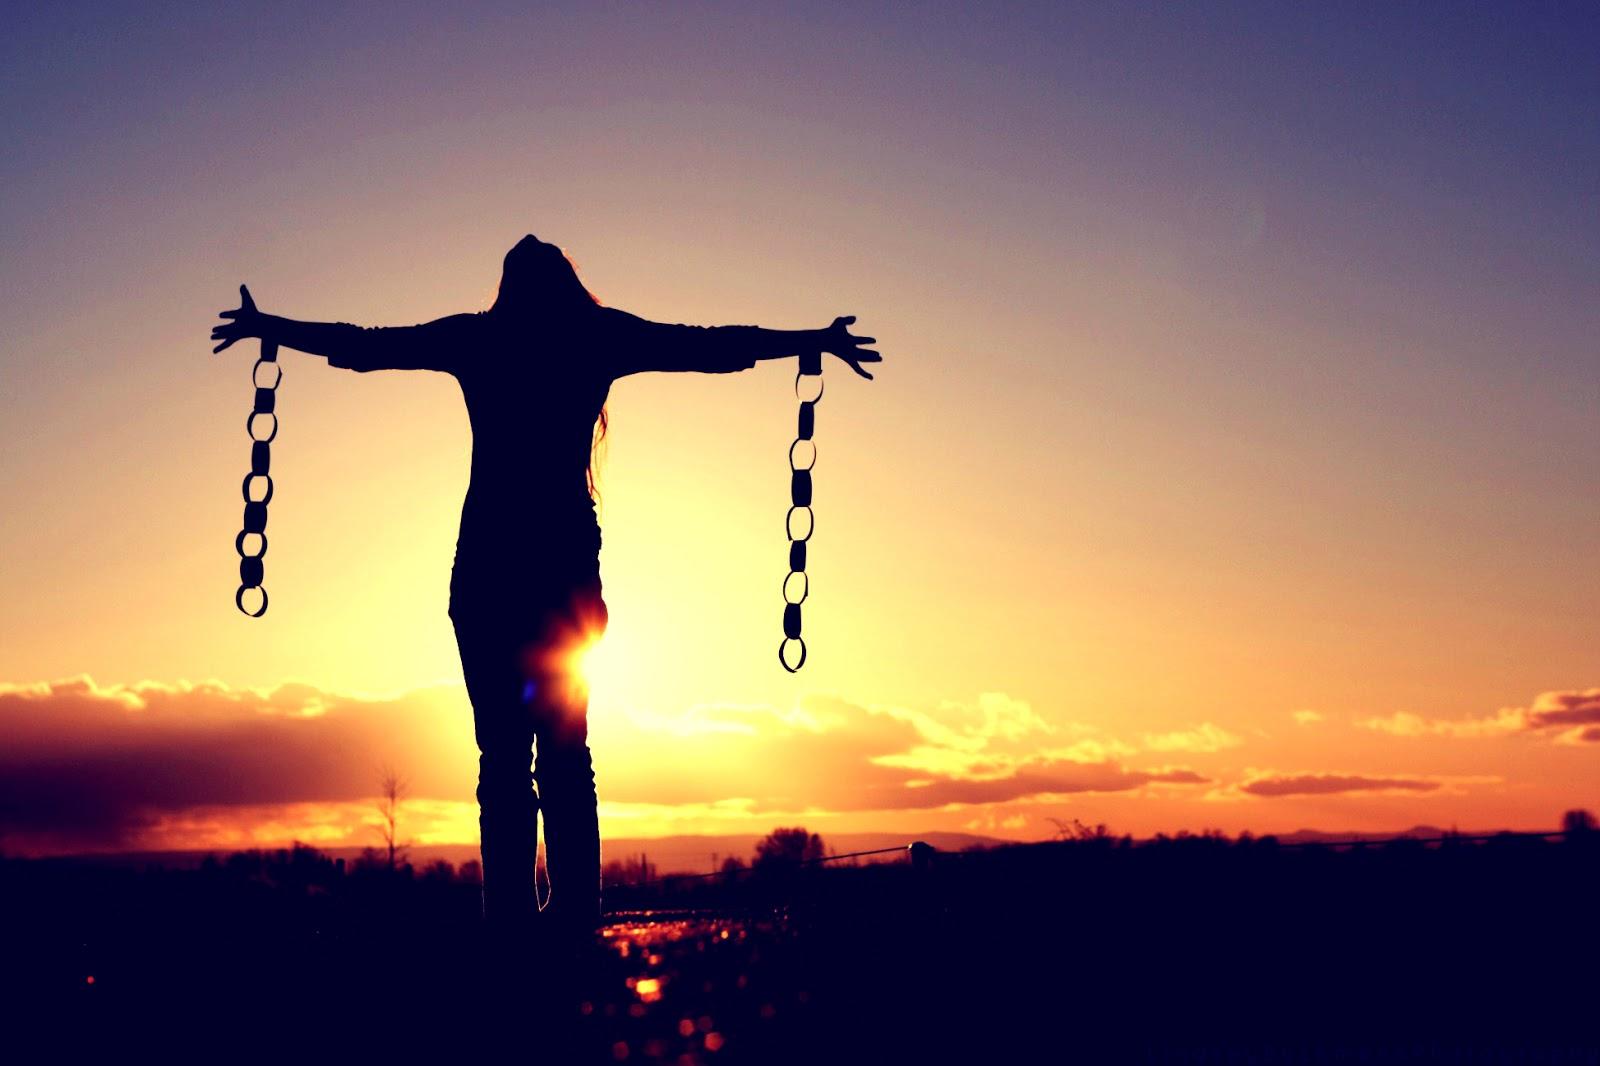 Que harias si tuvieras el monopolio de la violencia? Libertad